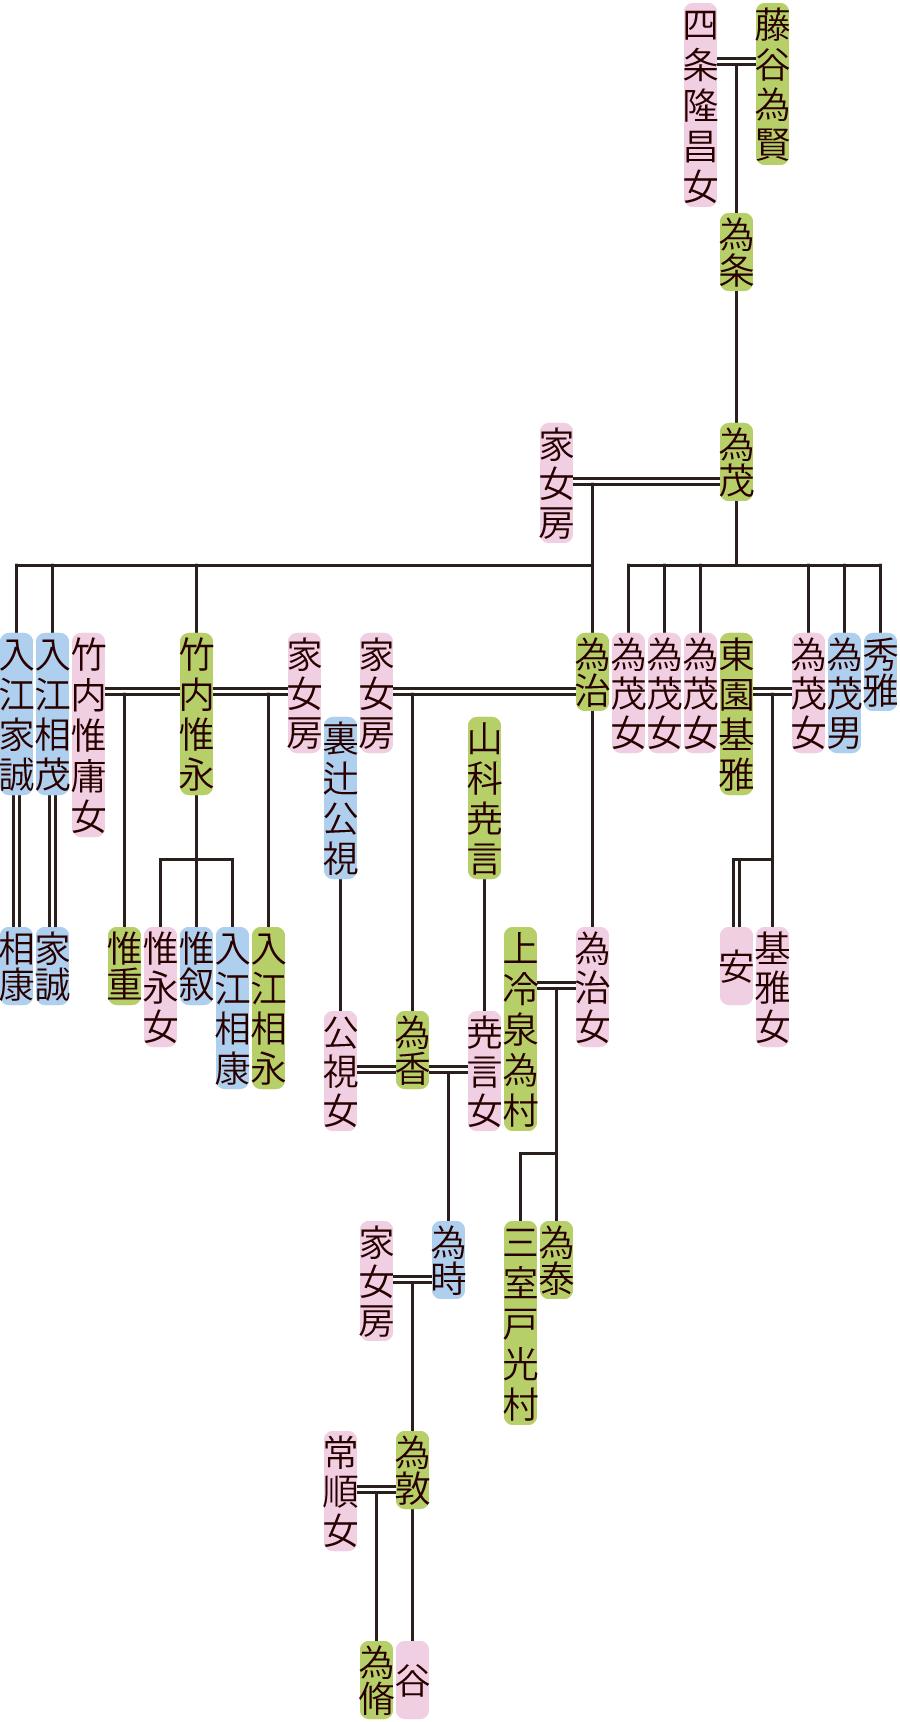 藤谷為茂~為時の系図